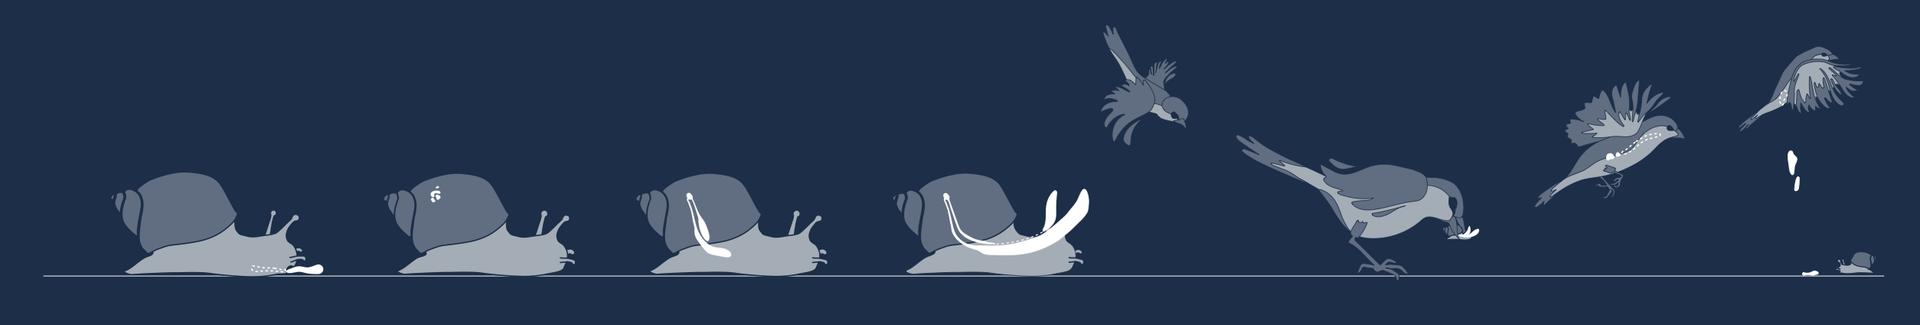 Lebenszyklus des Parasiten